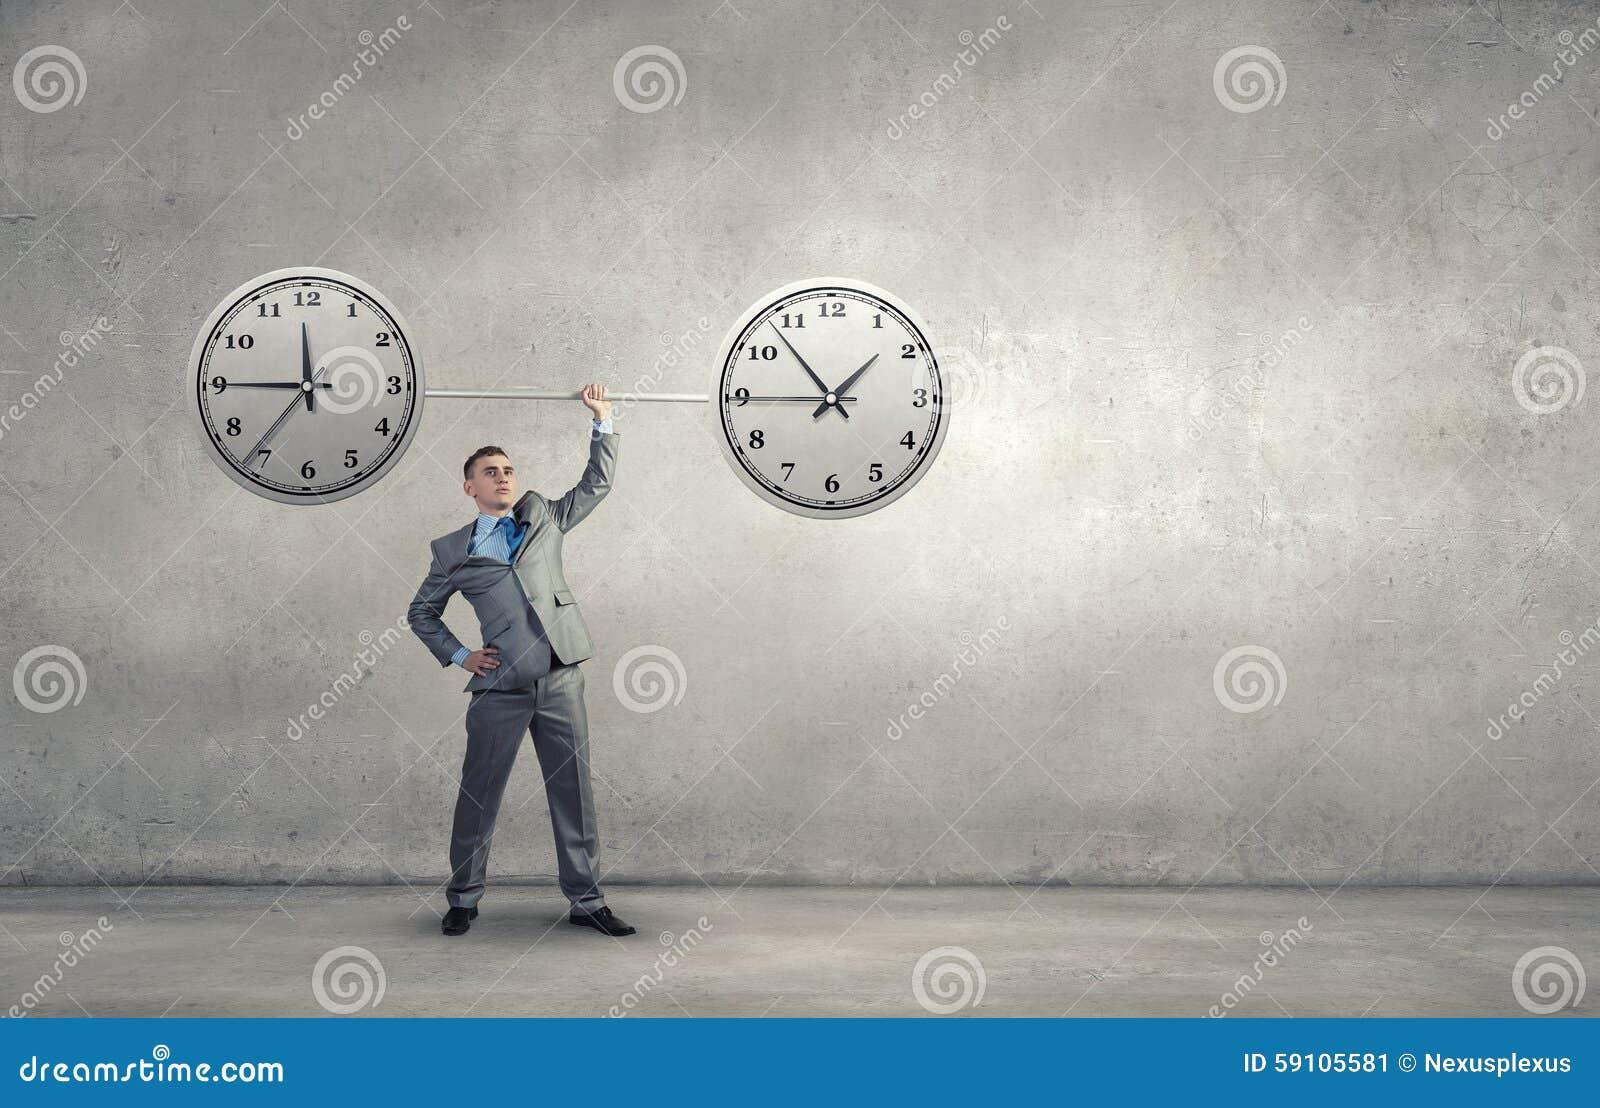 管理您的时间